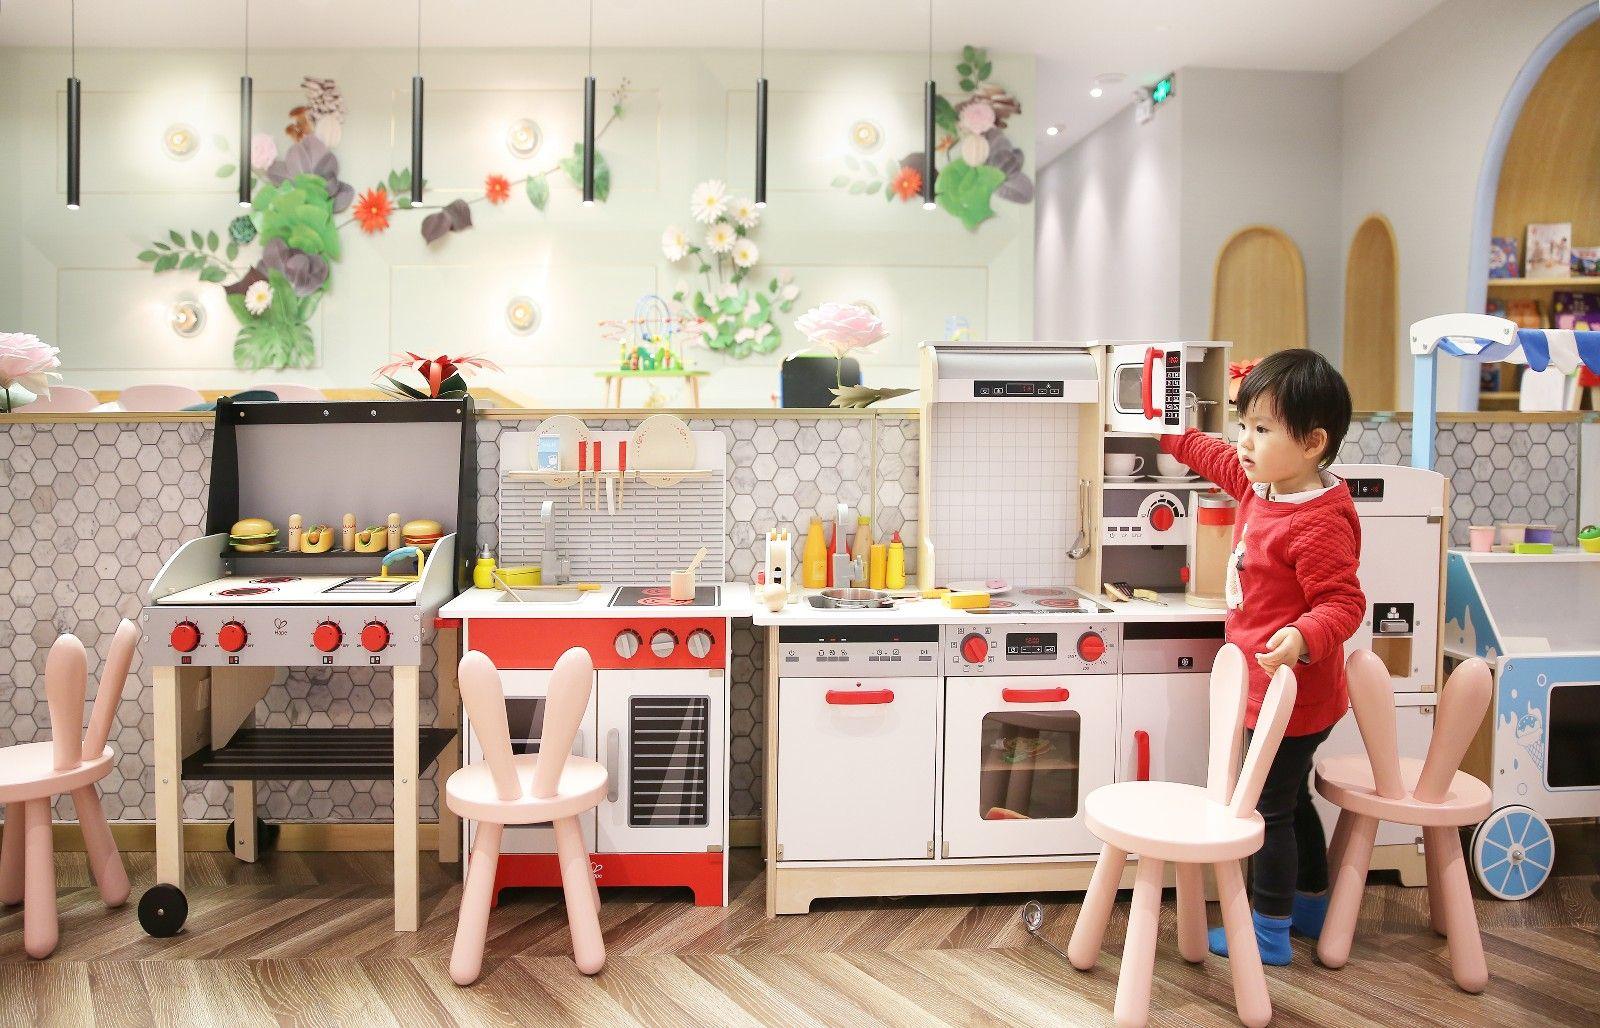 CoolCoolpanda 亲子餐厅设计欣赏